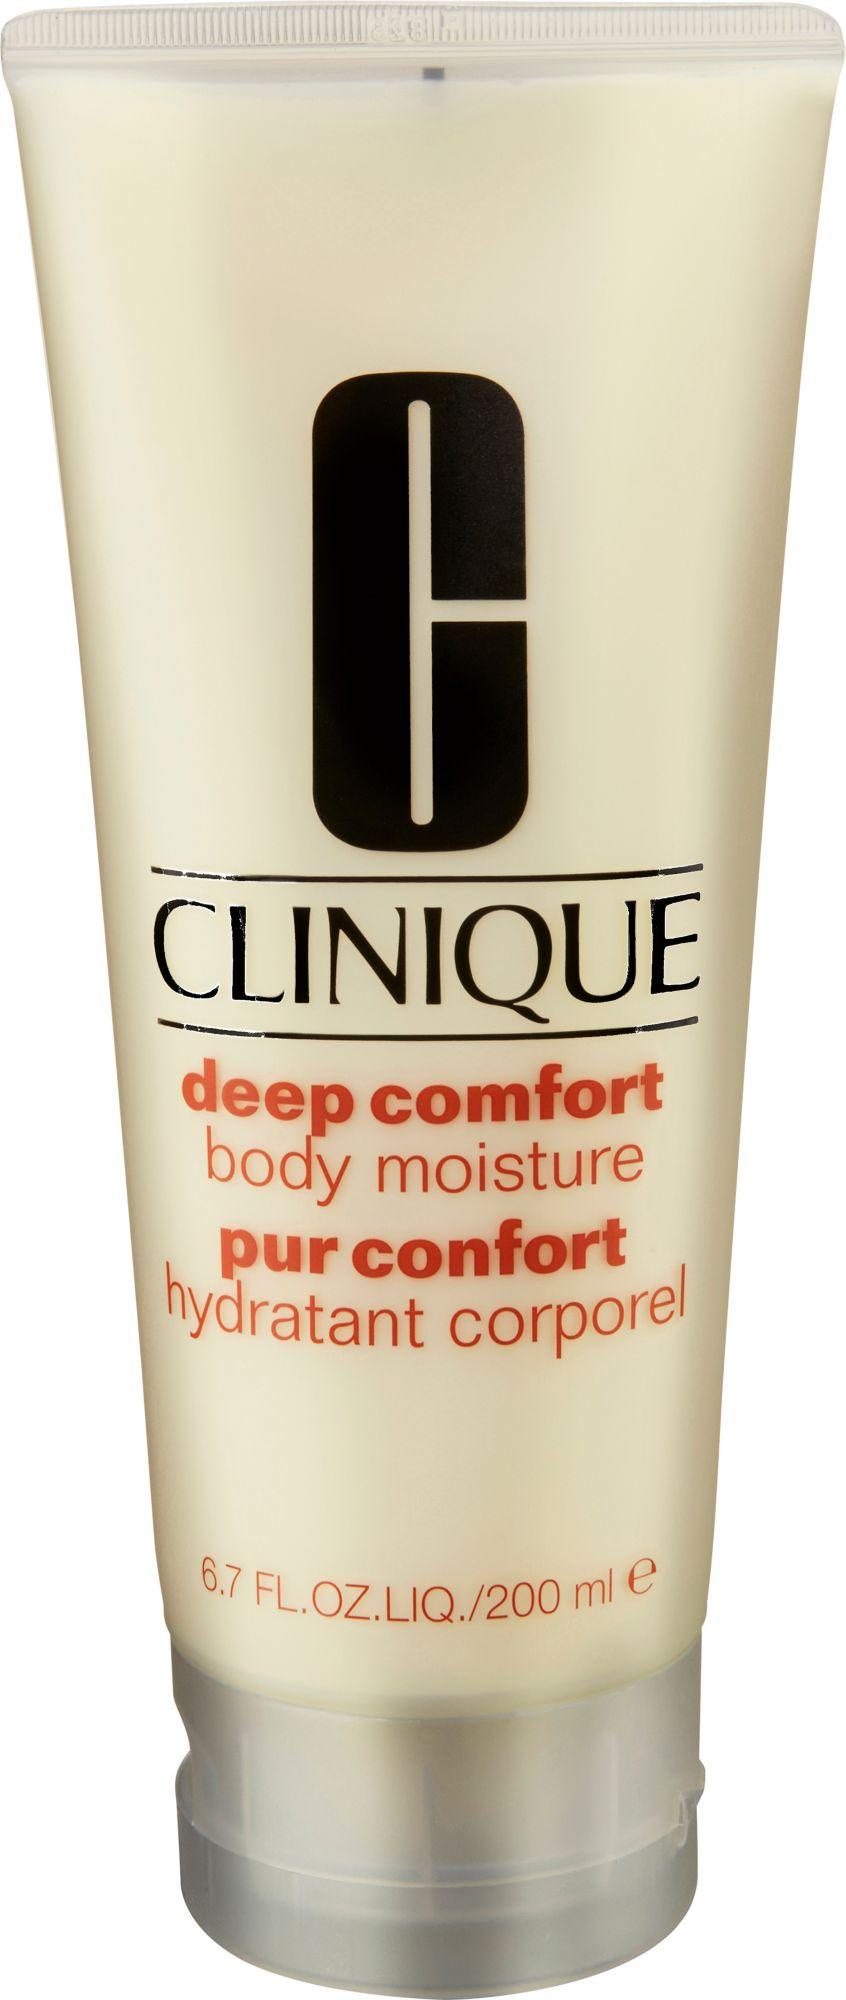 CLINIQUE Clinique, »Deep Comfort Body Moisture«, Körperlotion